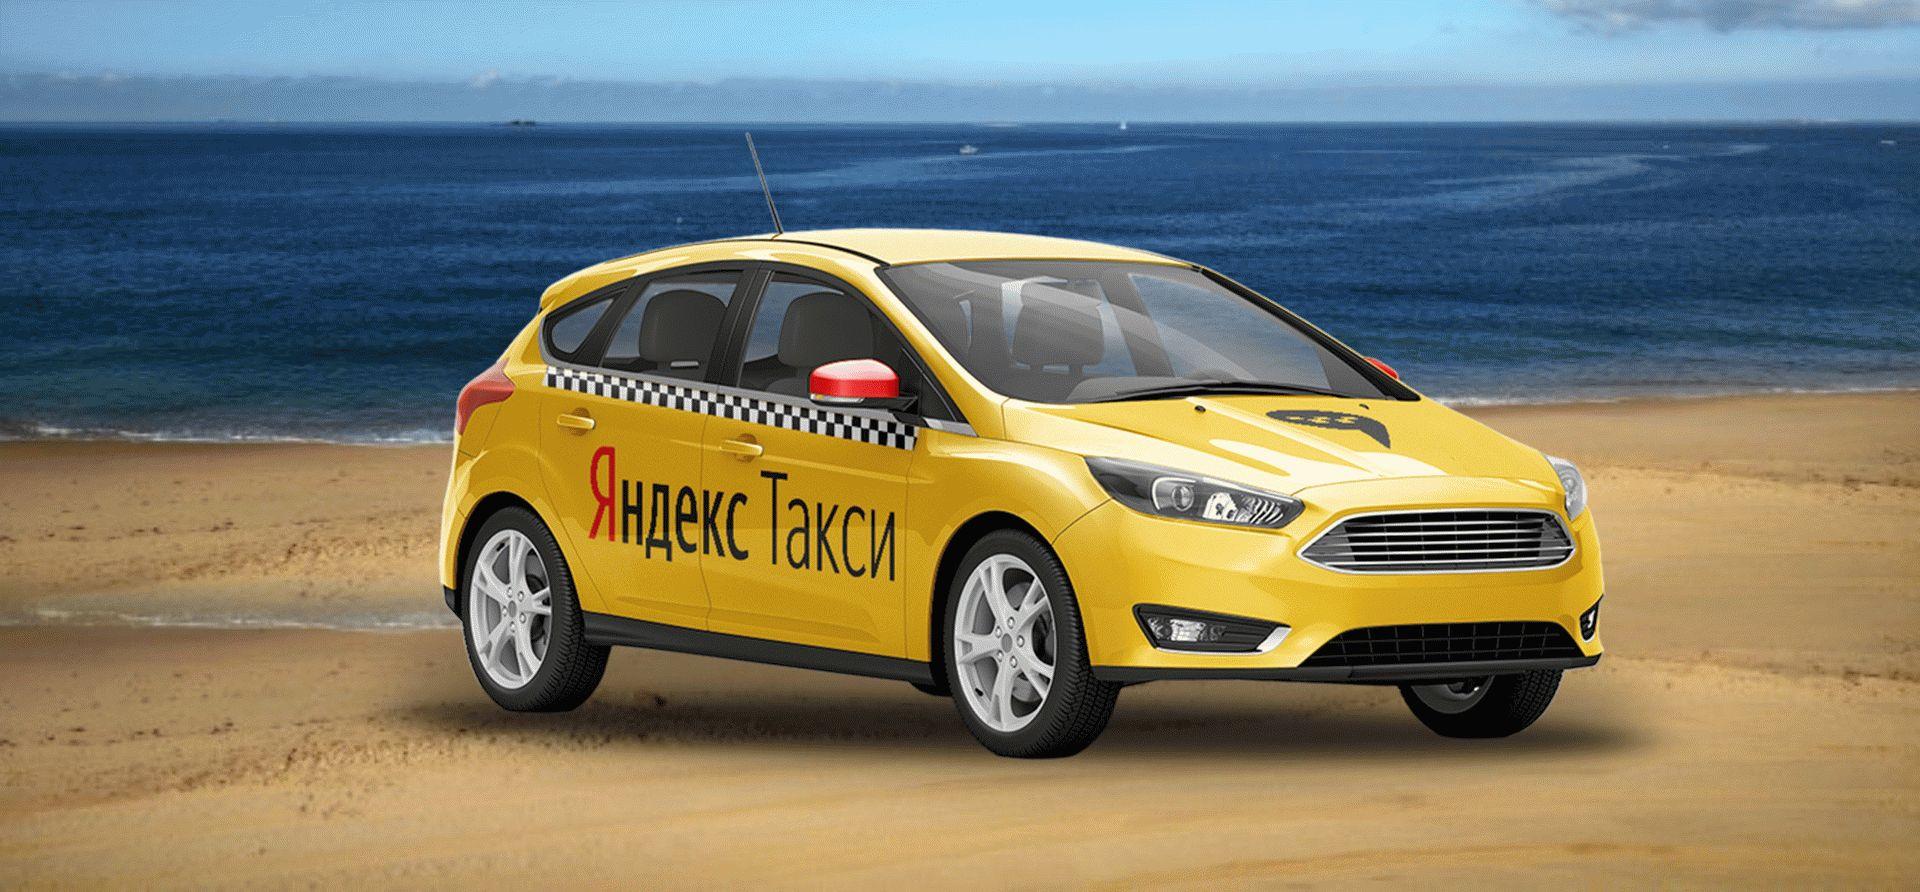 Яндекс Такси в Анапе